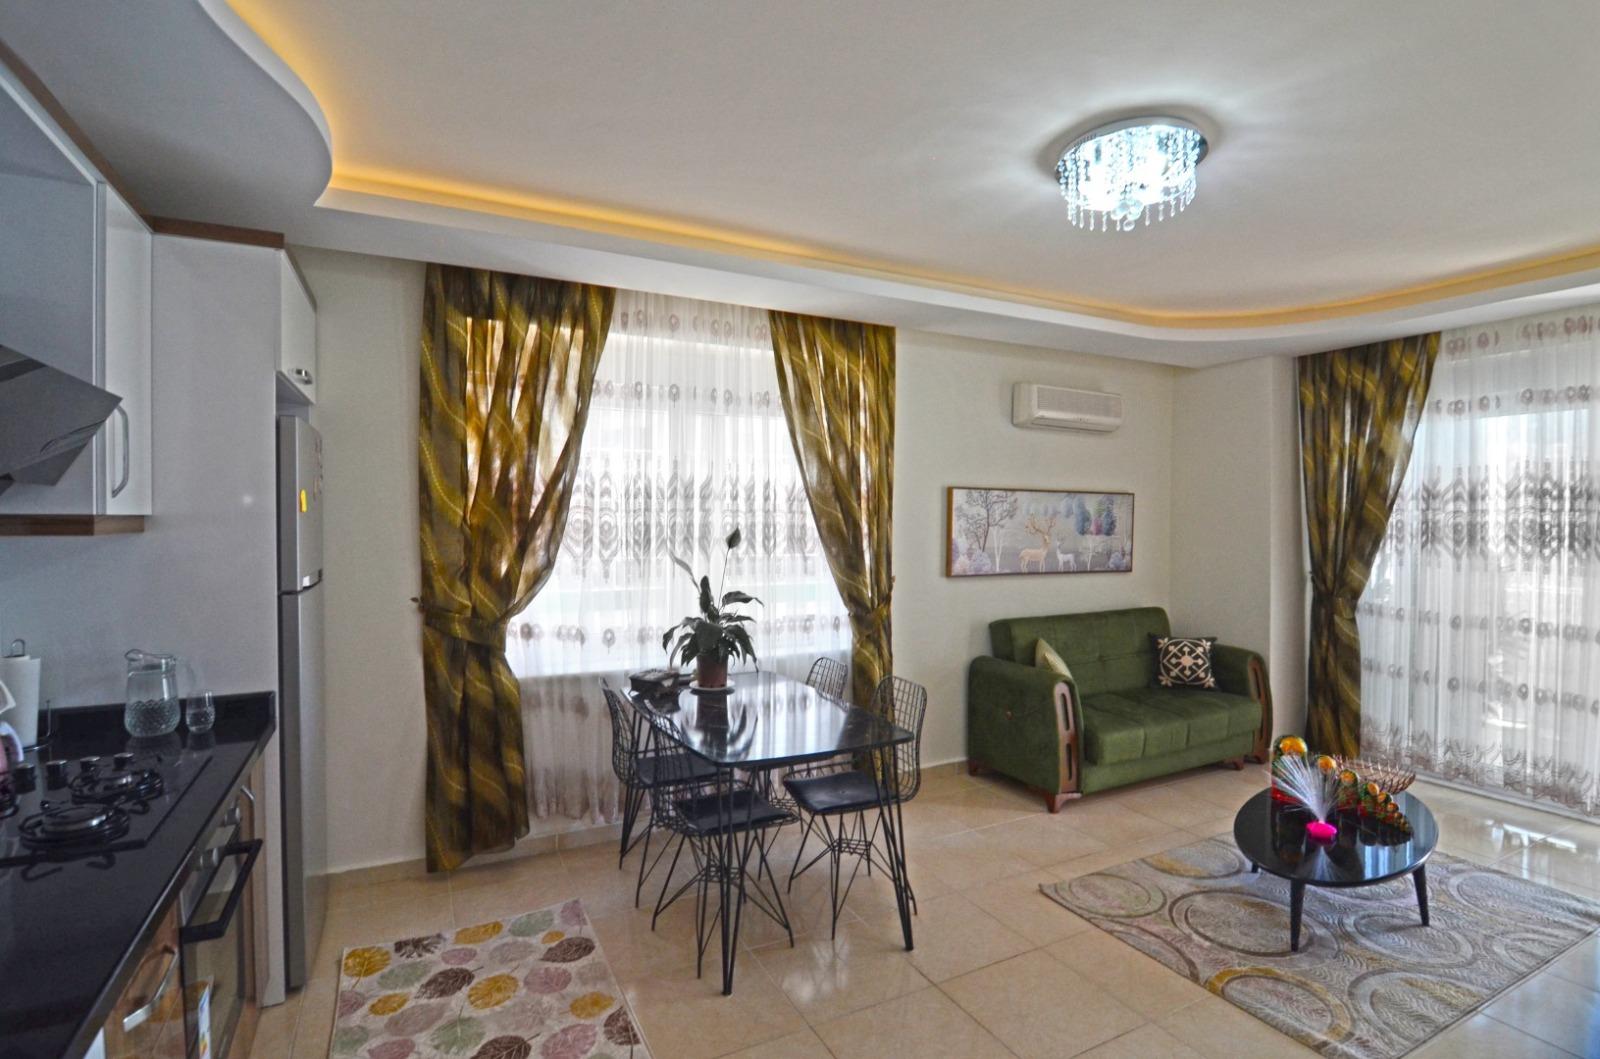 Меблированные апартаменты 1+1 в  Махмутлара - Фото 23